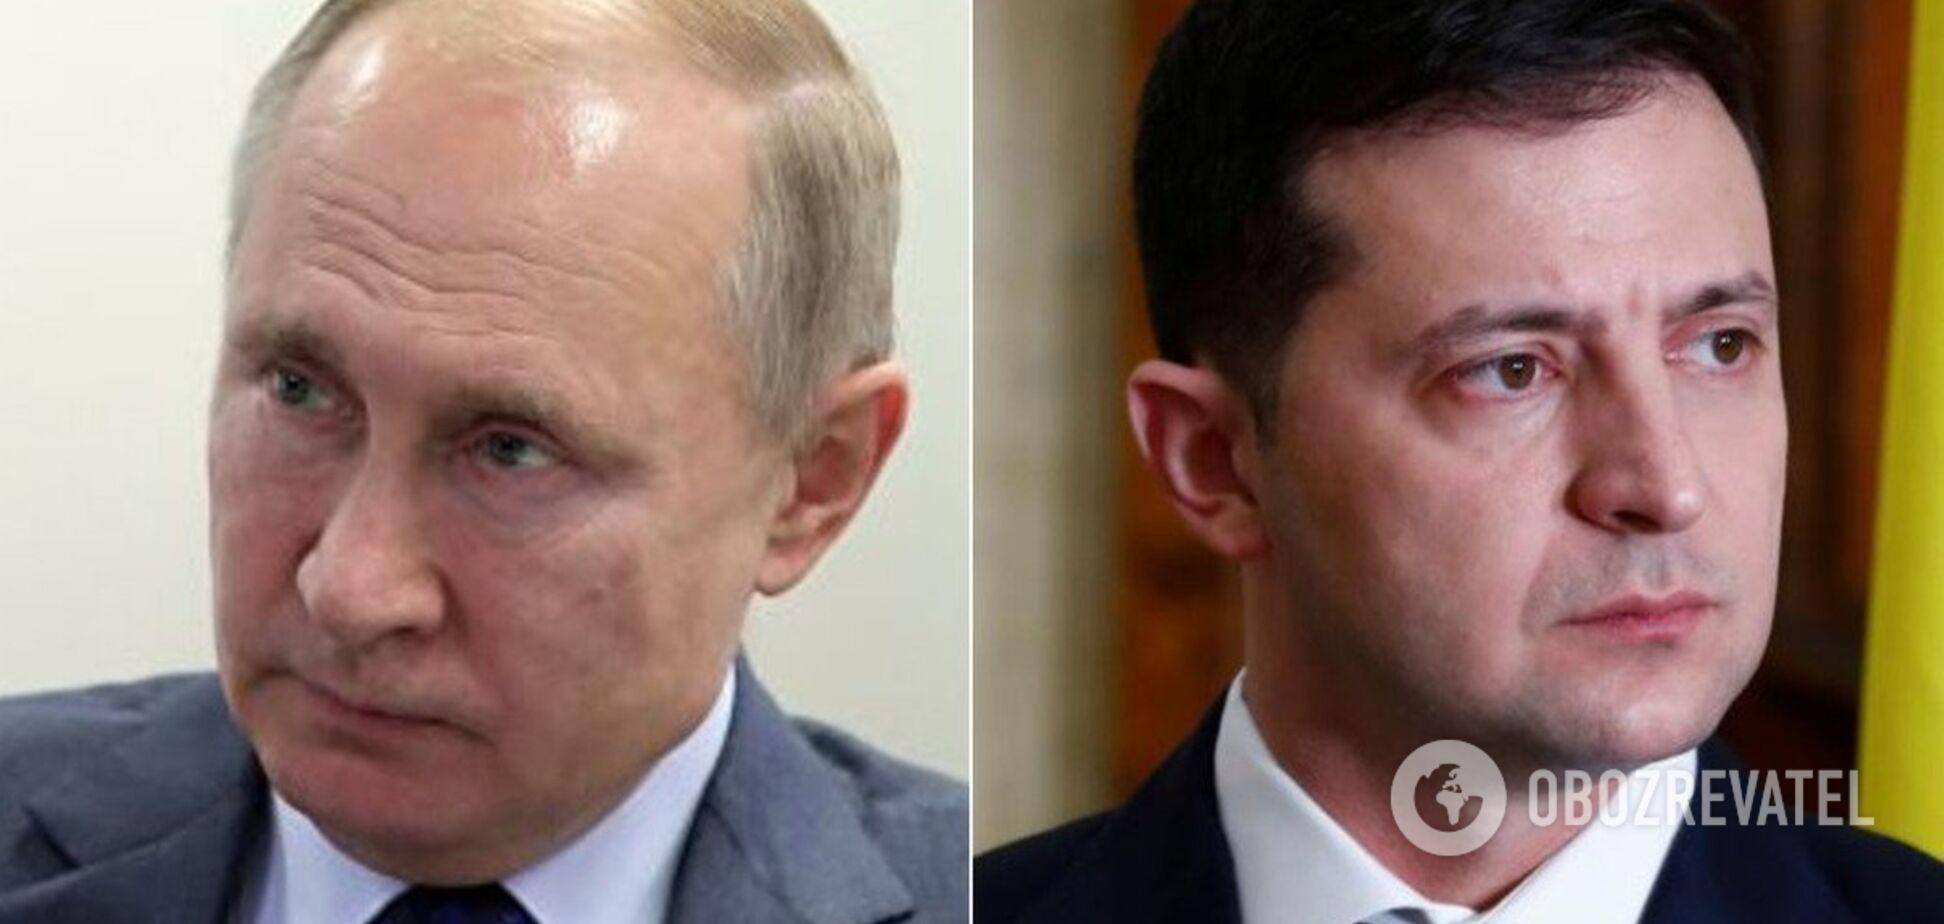 'Россия призналась в массовых убийствах на Майдане': Бутусов об обмене бойцов 'Беркута'